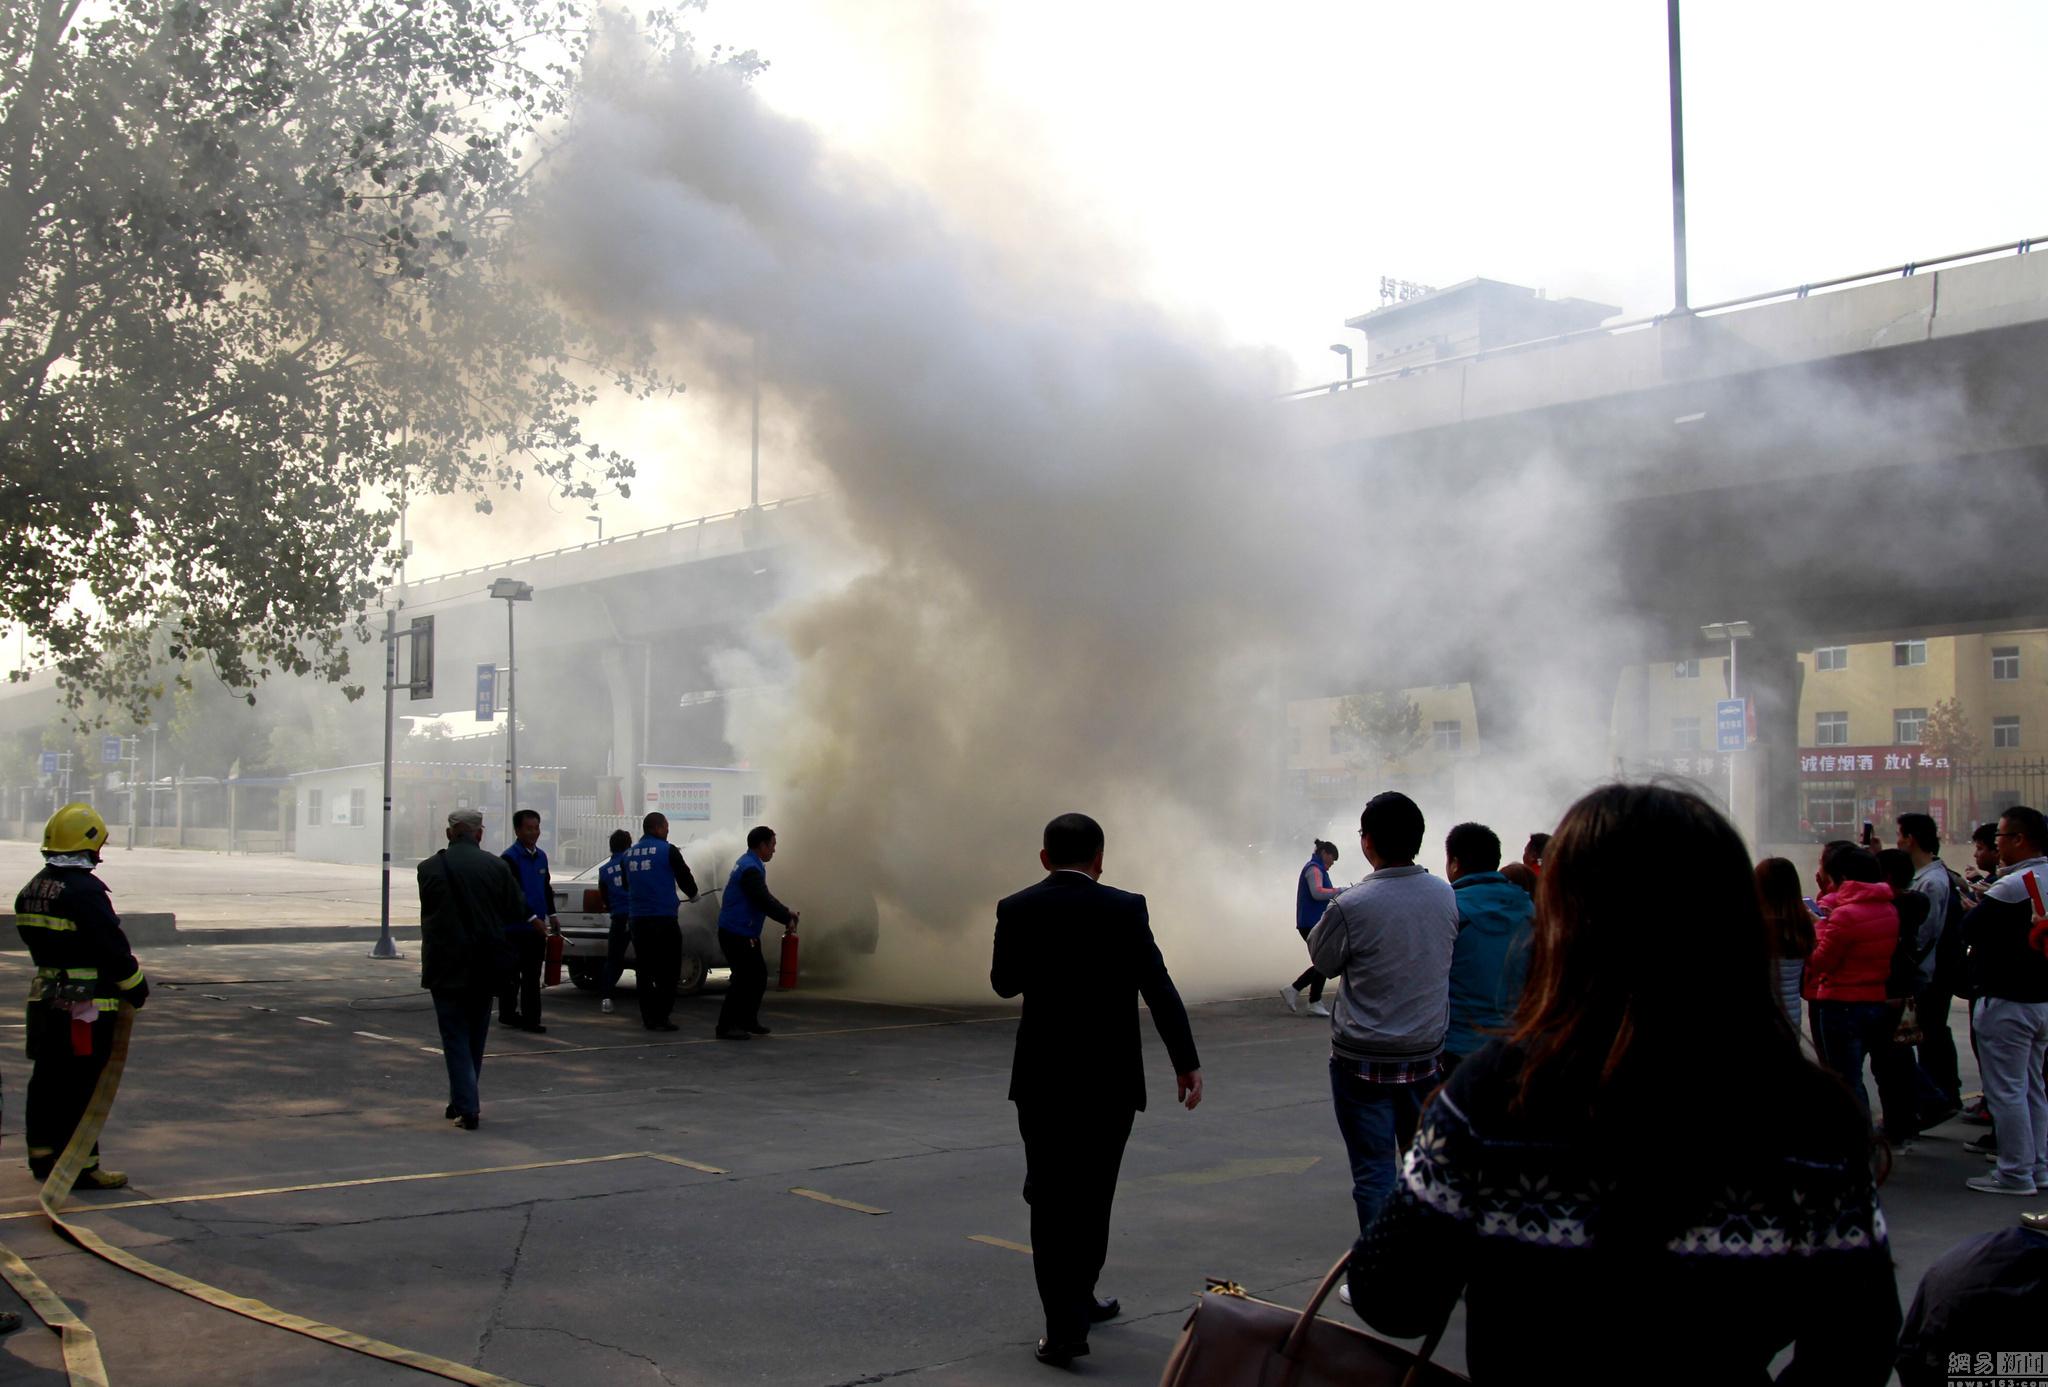 图为驾校在练车场将一辆轿车点燃。